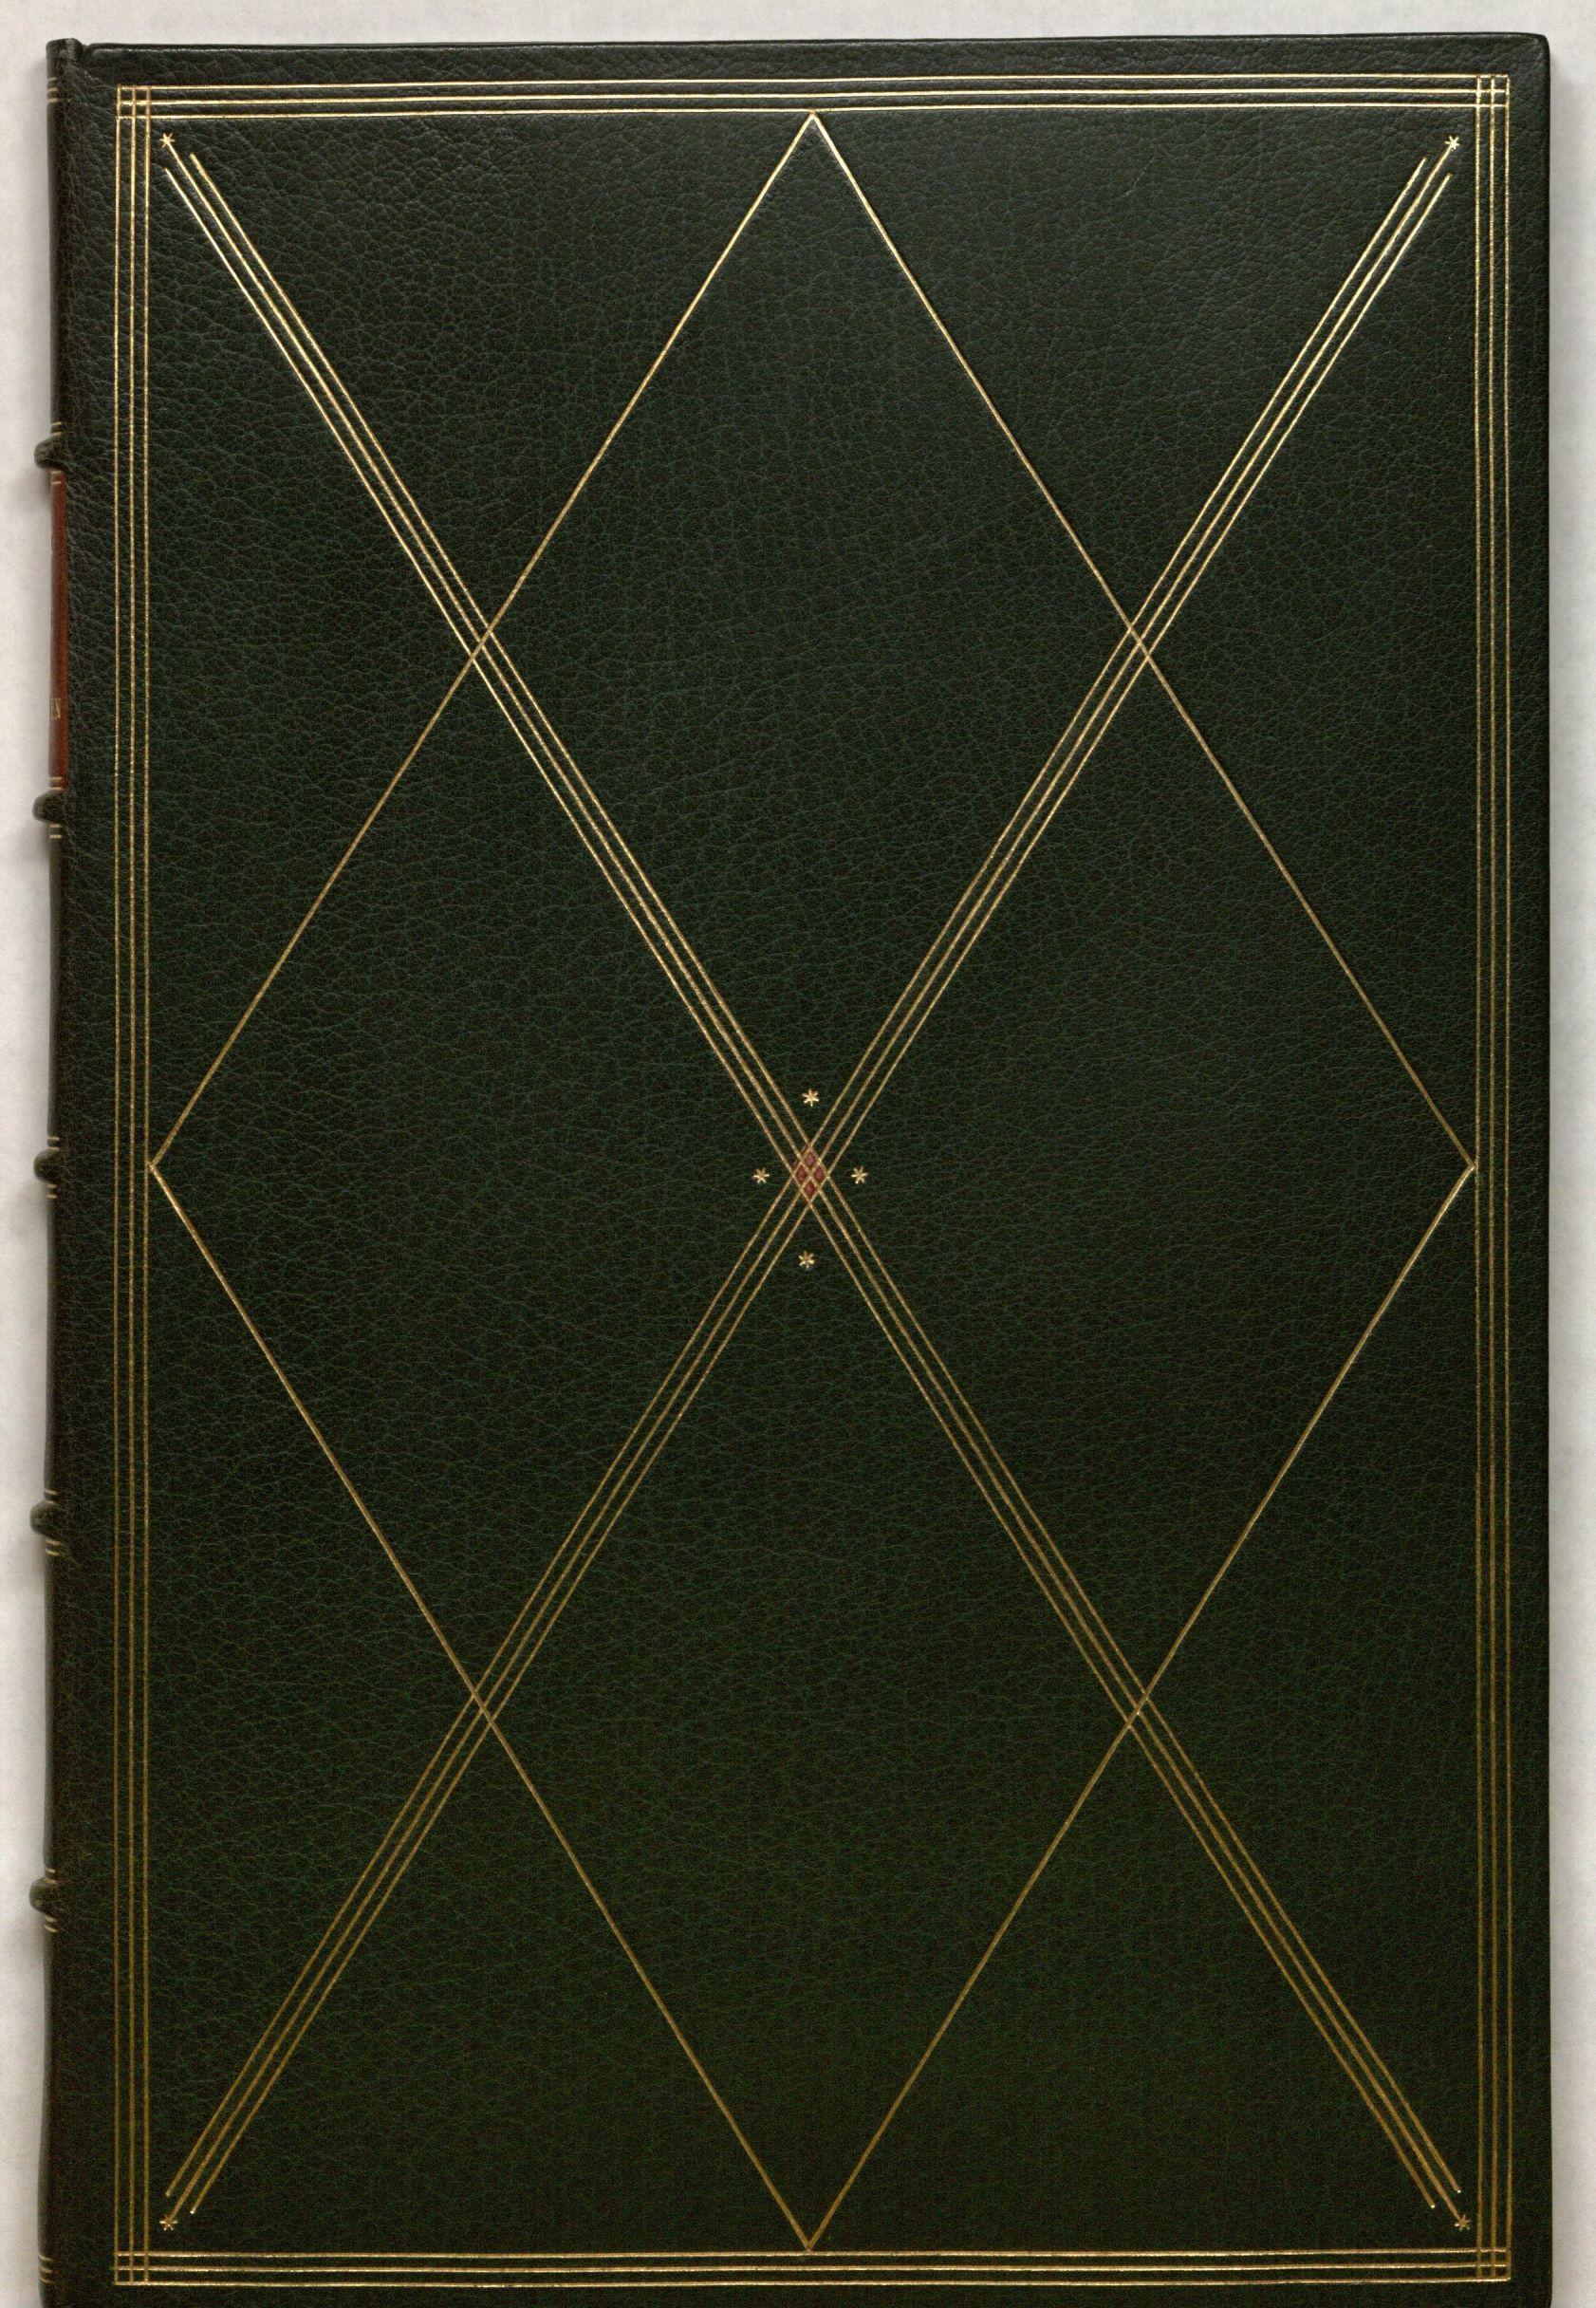 Rainer Maria Rilke's Duineser Elegien, Leipzig: im Insel-Verlag, 1923: cover. Special Collections, call number: Rilke Z50.